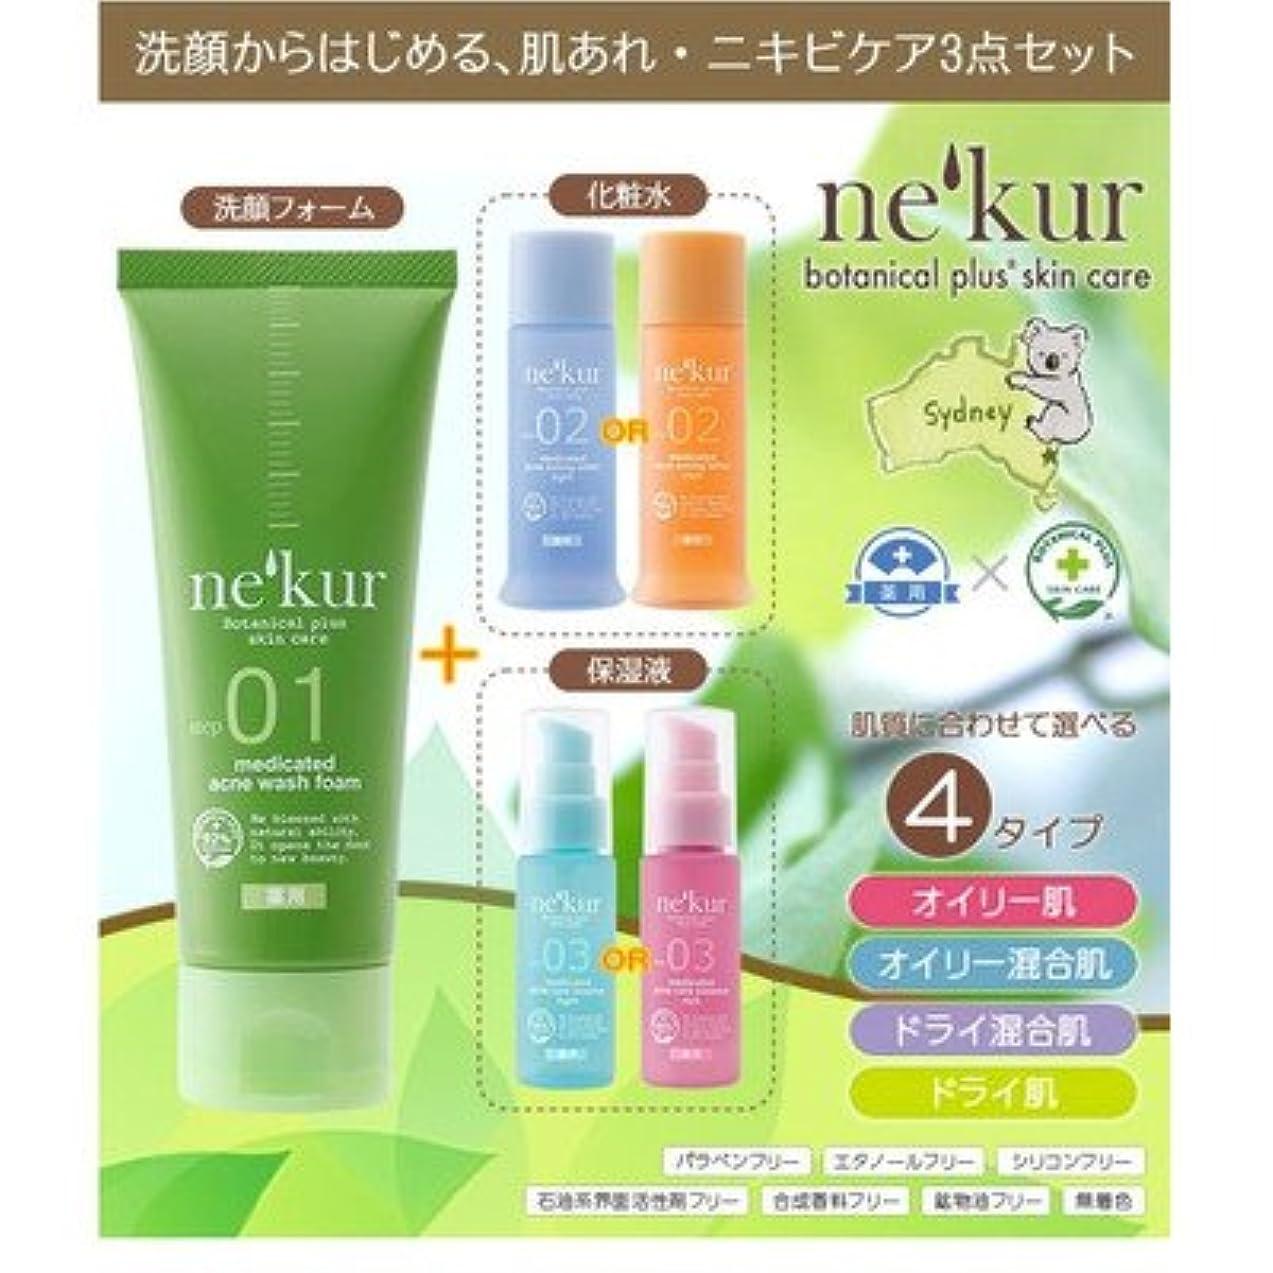 ネクア(nekur) ボタニカルプラススキンケア 薬用アクネ洗顔3点セット ドライ混合肌セット( 画像はイメージ画像です お届けの商品はドライ混合肌セットのみとなります)